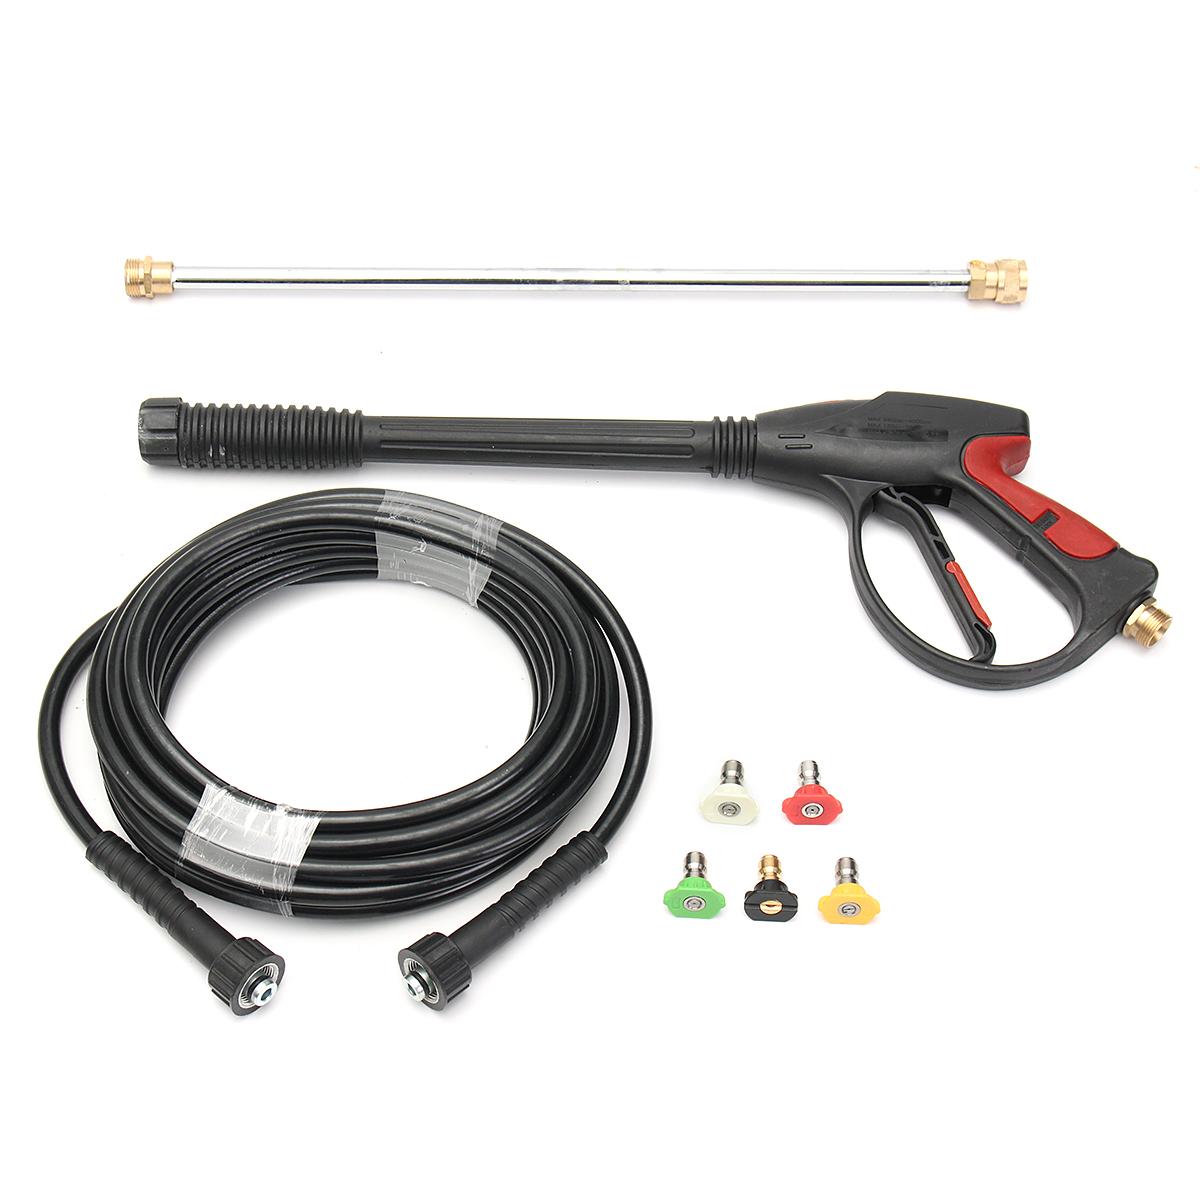 Garden Hose High Pressure Power Spray Gun Nozzle Wand Black Washer Water